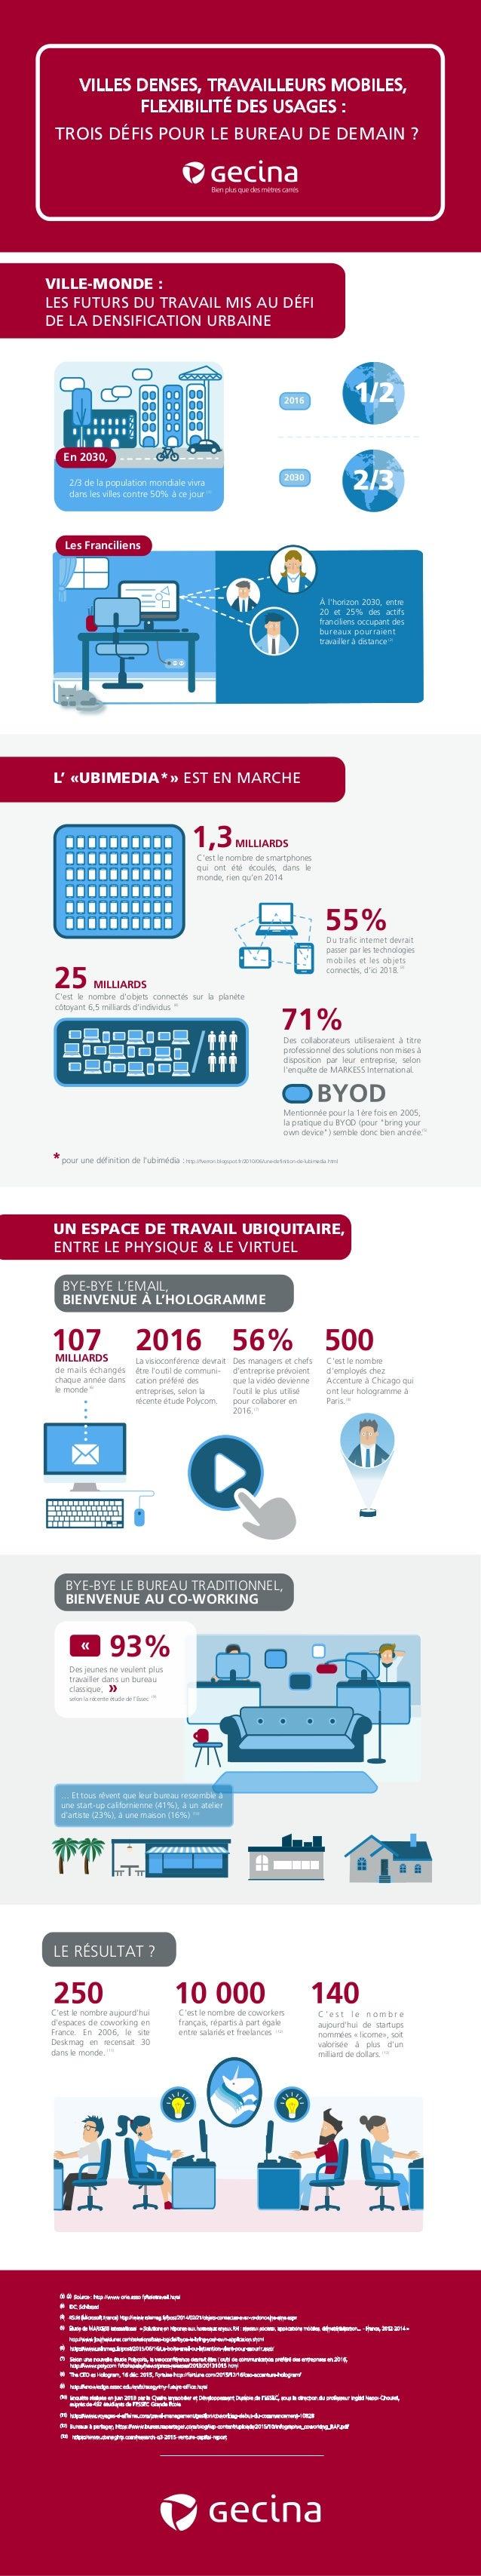 2/3 1/22016 2030 *pour une définition de l'ubimédia : http://fverron.blogspot.fr/2010/06/une-definition-de-lubimedia.html ...